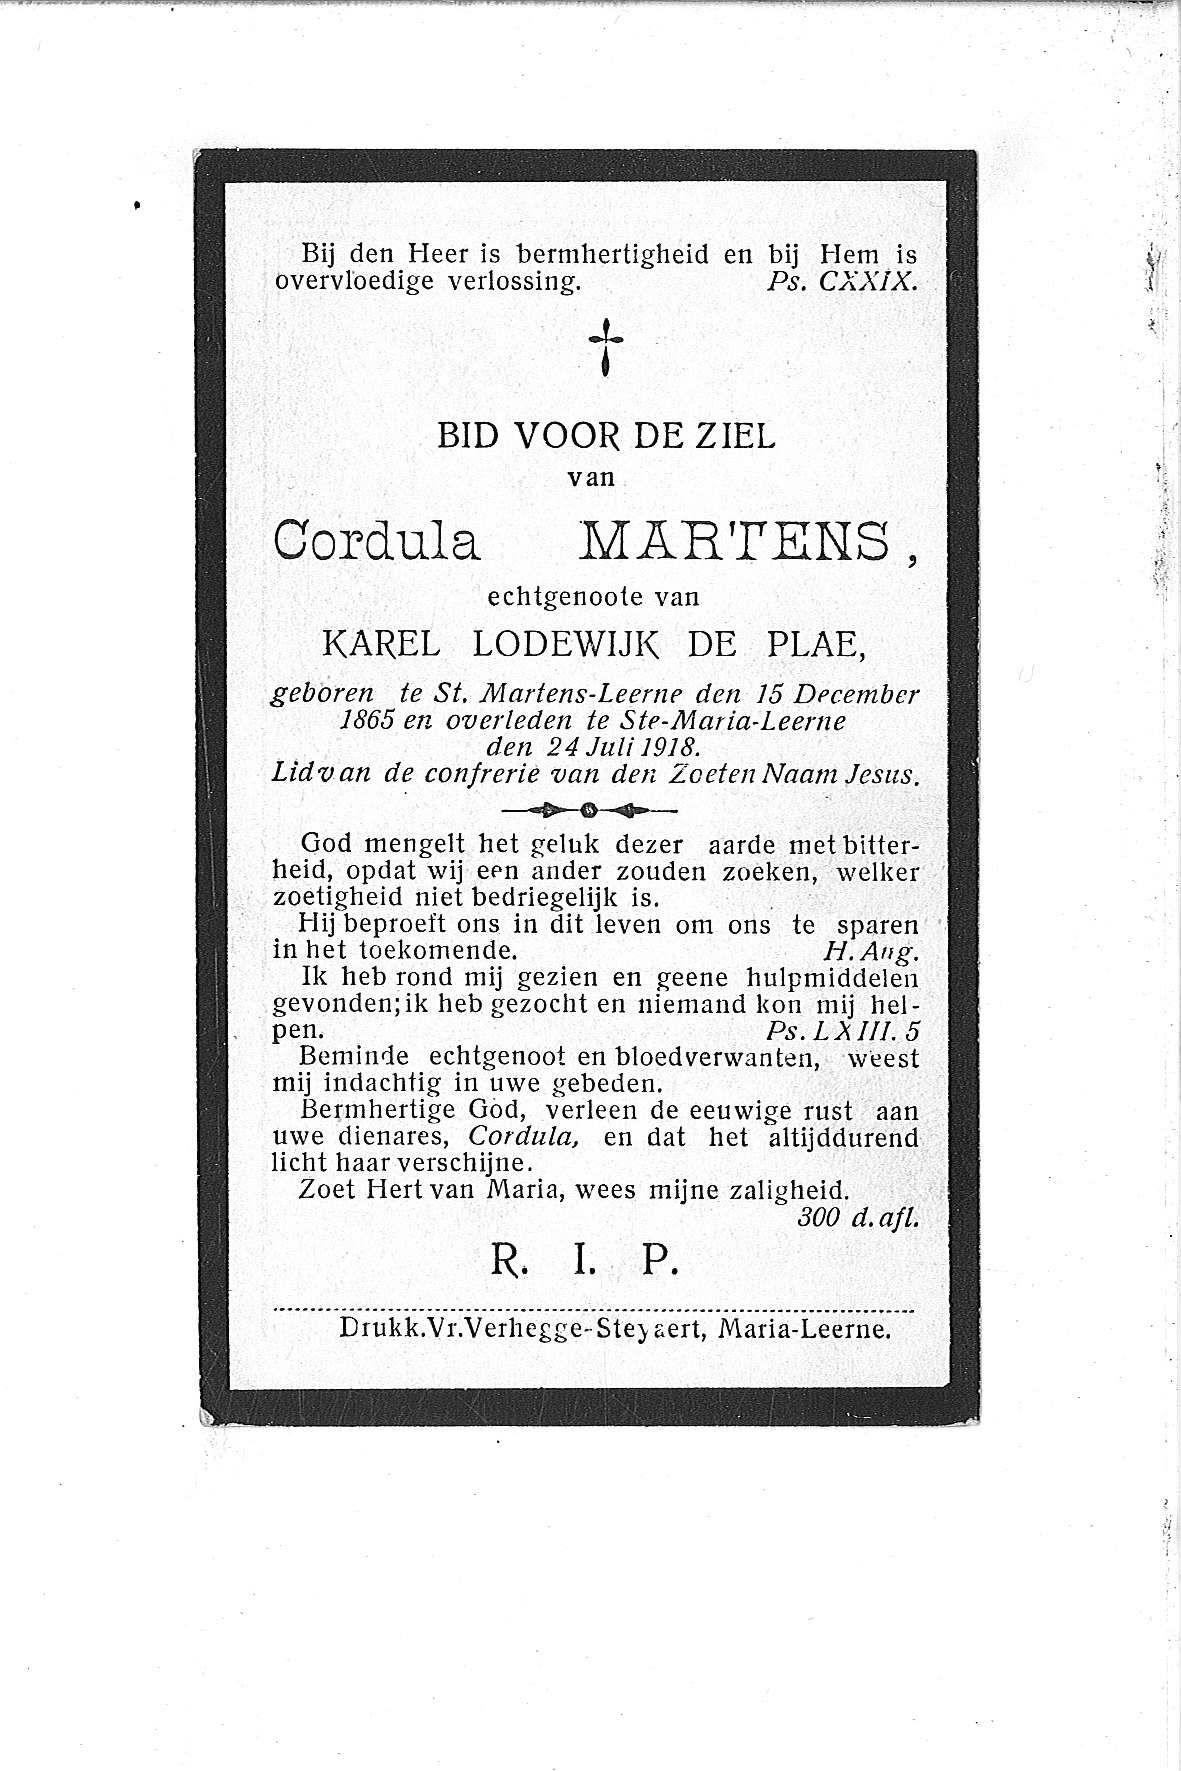 Cordula(1918)20120210105520_00126.jpg